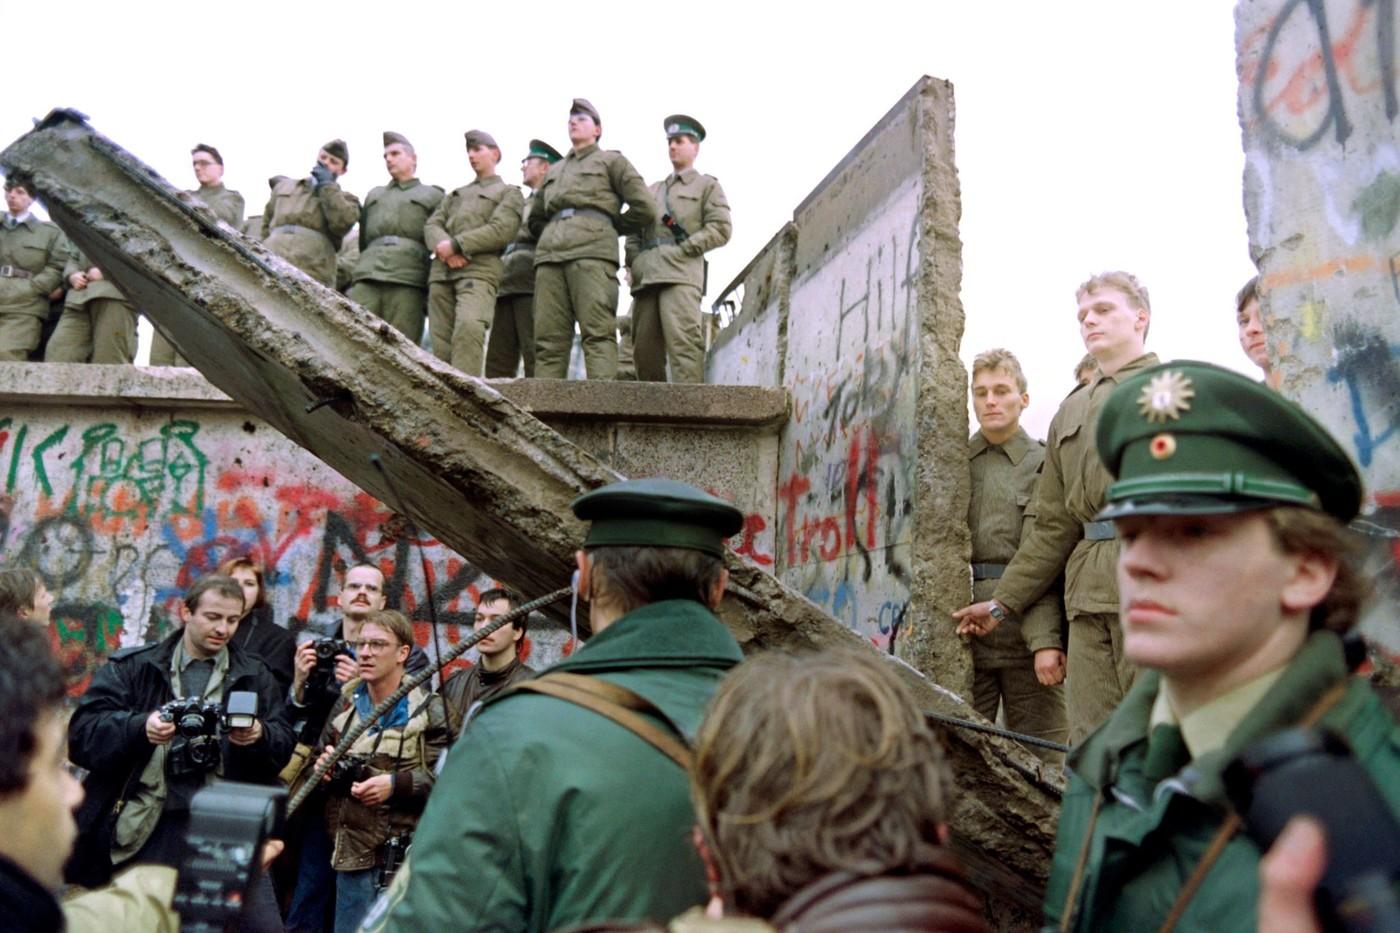 Il y a 30 ans, la chute du Mur de Berlin fut possible grâce à Reagan